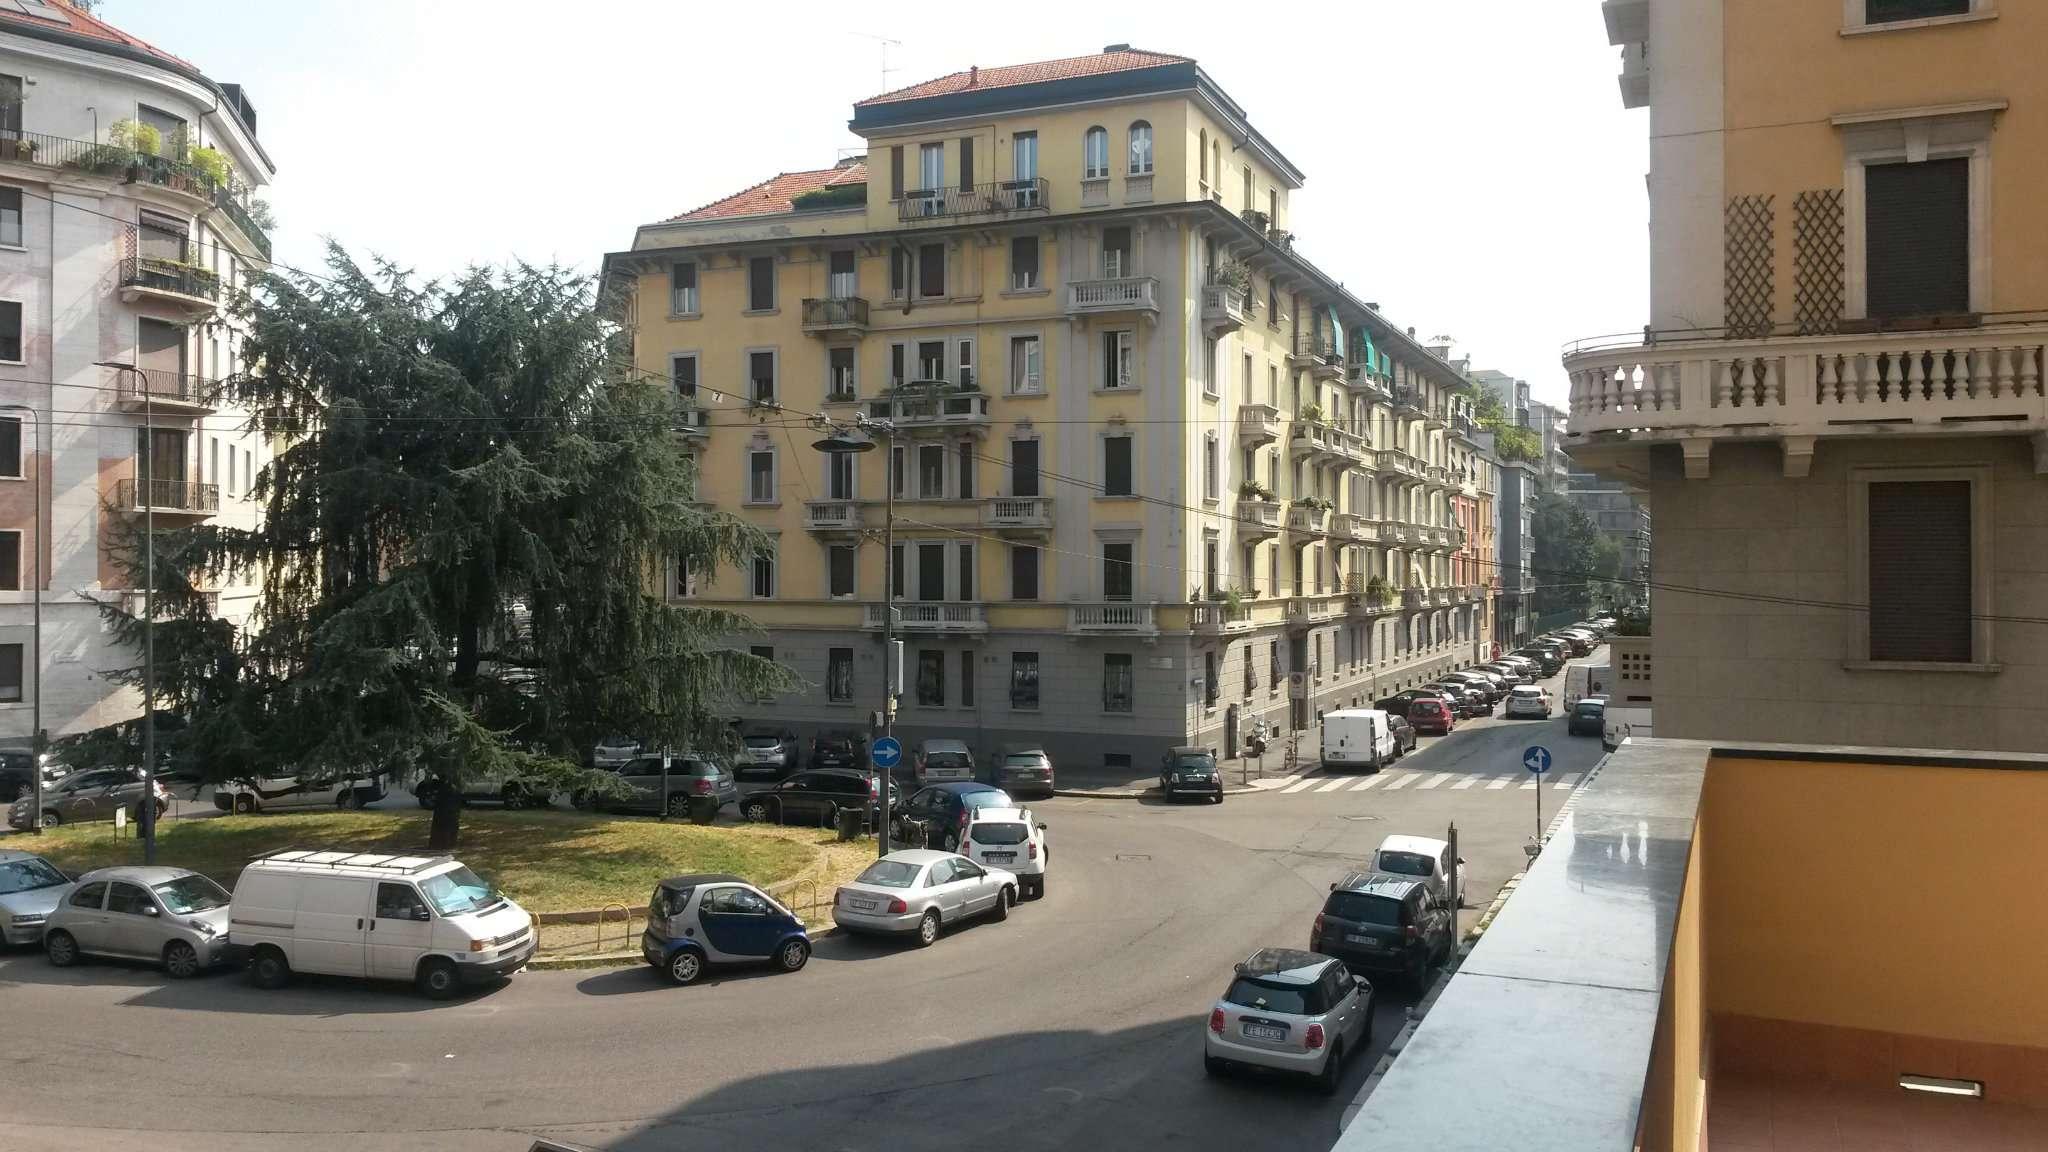 Appartamento in vendita a Milano, 2 locali, zona Zona: 5 . Citta' Studi, Lambrate, Udine, Loreto, Piola, Ortica, prezzo € 350.000 | Cambio Casa.it